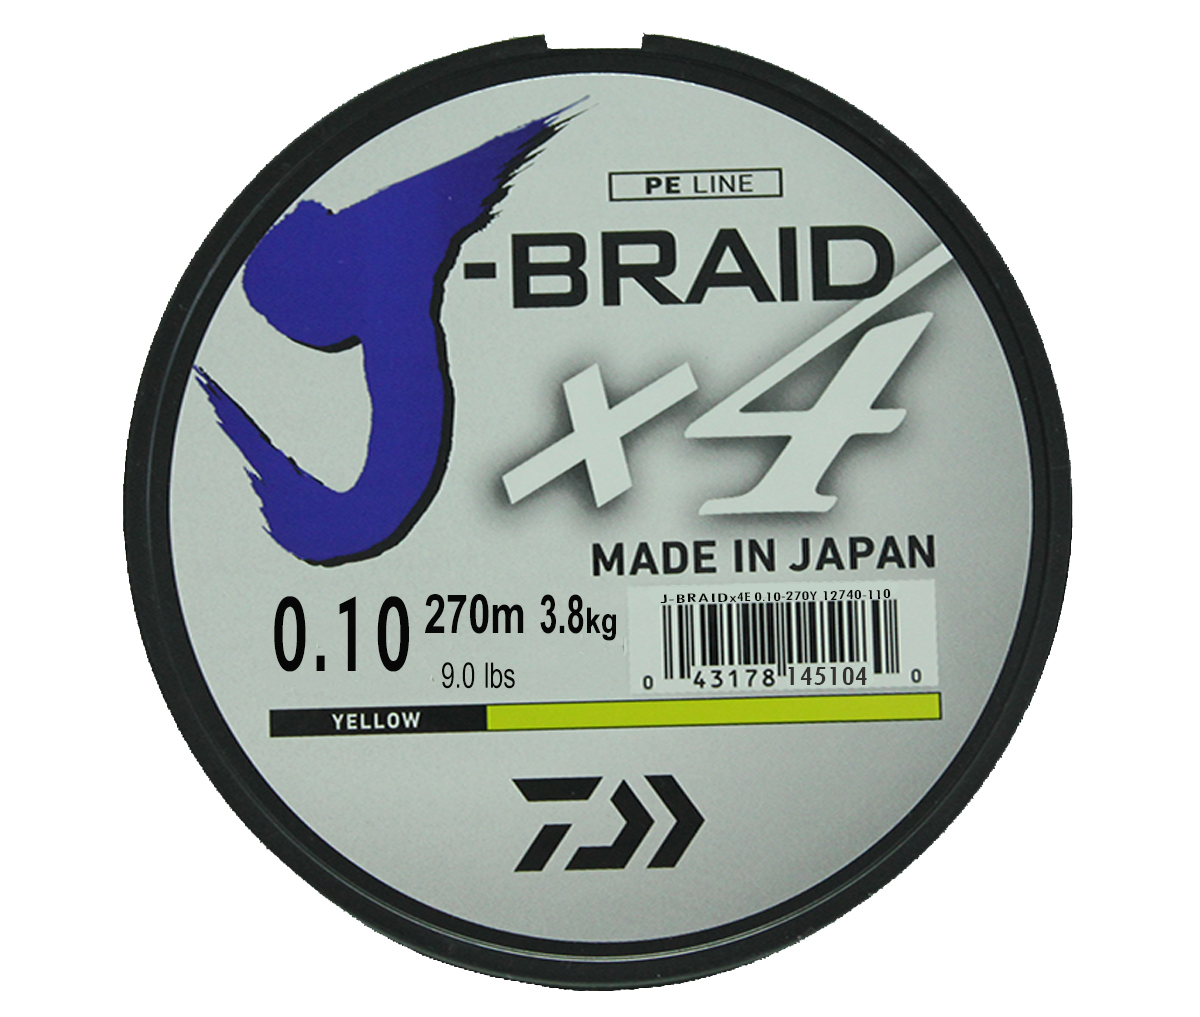 Шнур плетеный Daiwa J-Braid X4, цвет: флуоресцентный желтый, 270 м, 0,10 мм010-01199-23Новый 4х жильный шнур J-Braid, DAIWA - шнур высокого класса с удивительным соотношением цены и качества. Качество плетения полностьюсоответствует японским стандартам и удовлетворяет всем требованиям. Представленные диаметры позволяют использовать шнур для всех техникловли, начиная от ultra- light ловли окуня, до морской ловли палтуса, трески и т.д